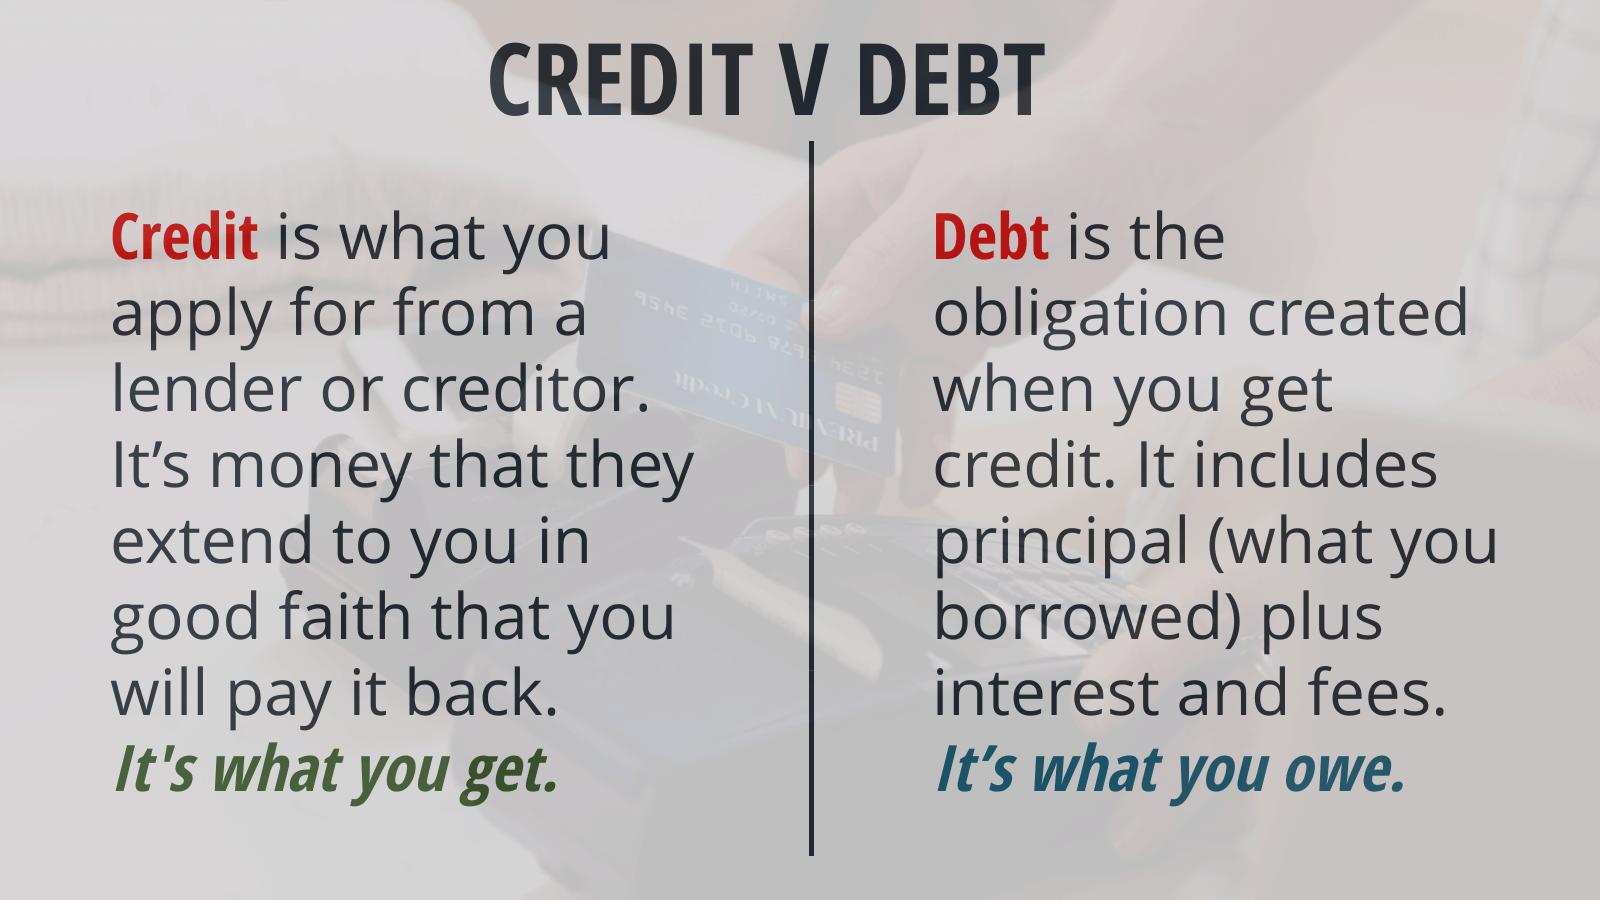 Compare credit vs debt